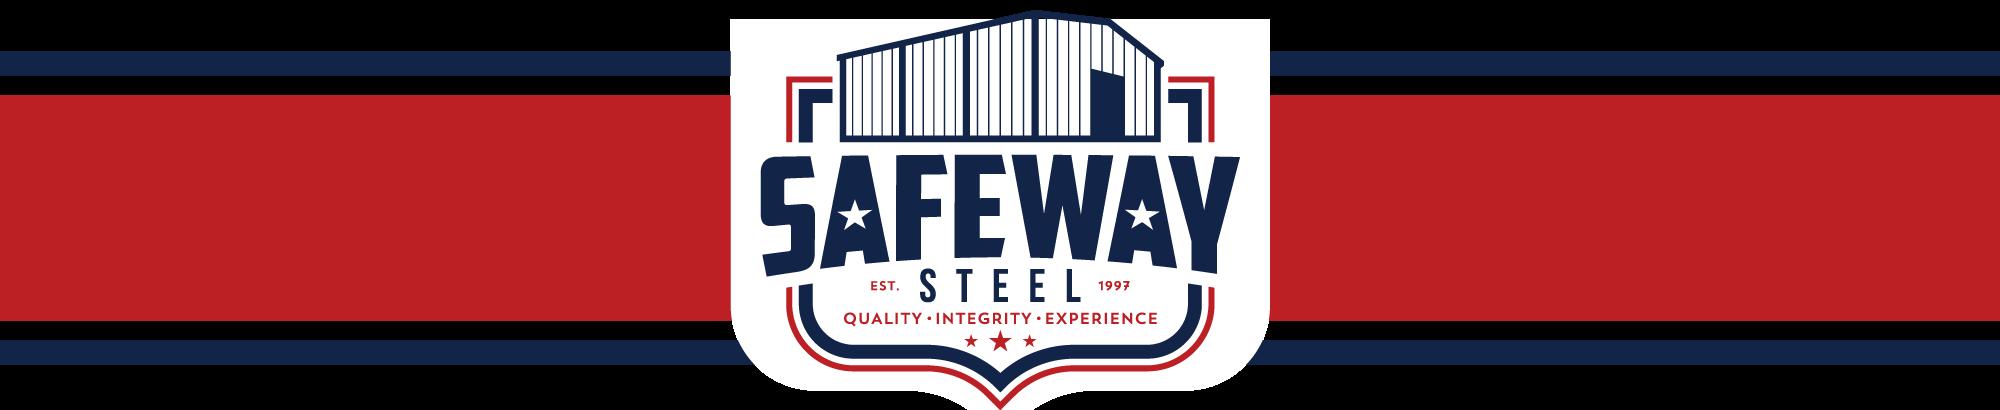 Safeway-SteelLARGE3